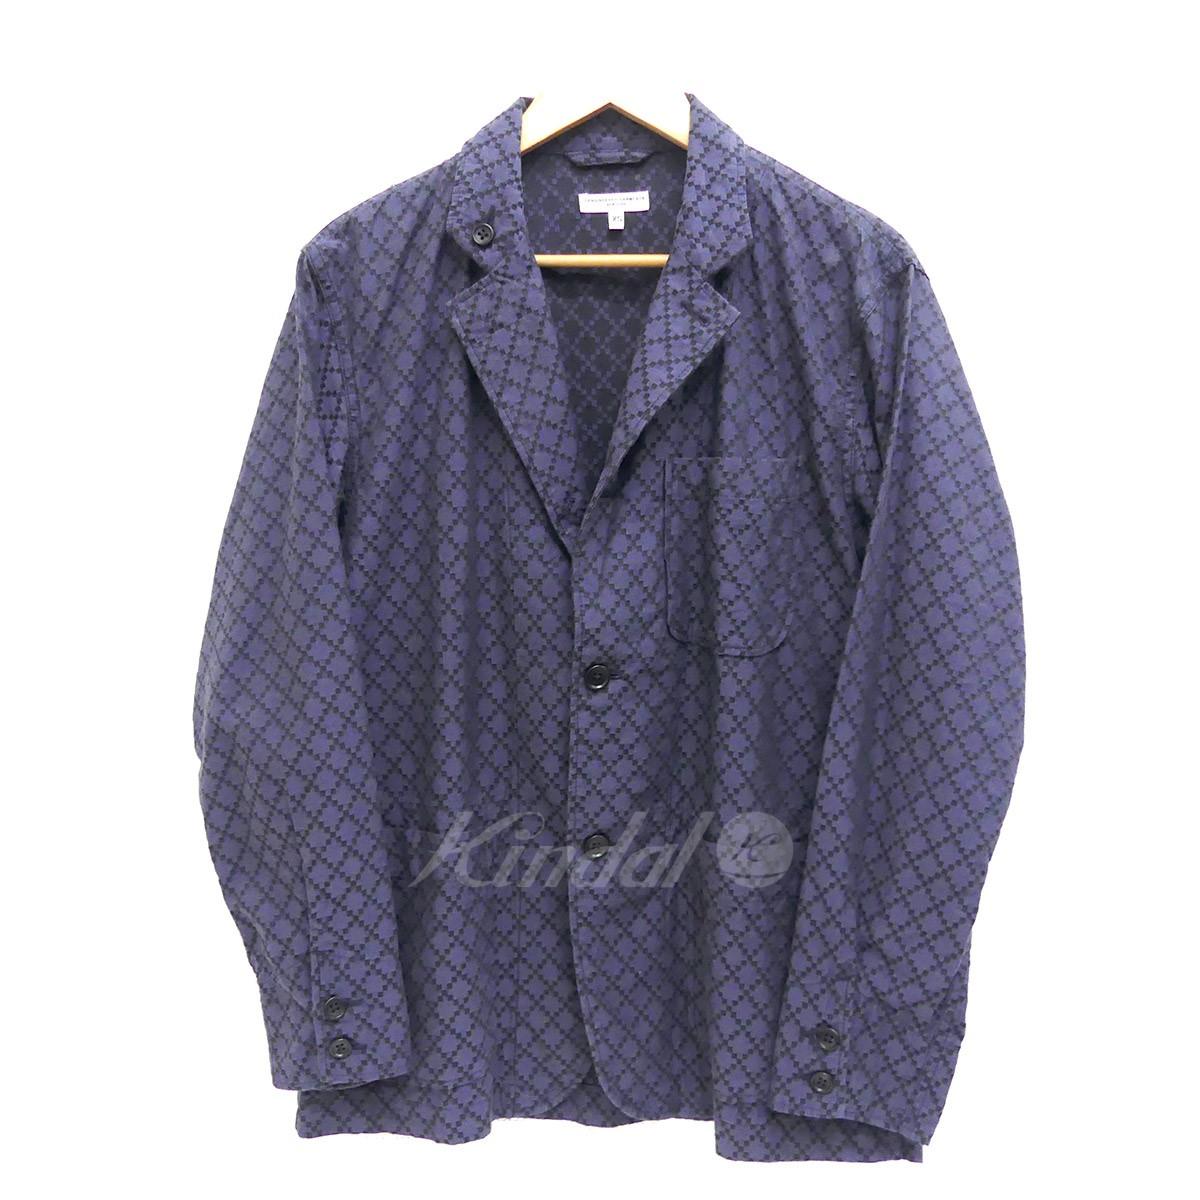 【中古】Engineered GarmentsLoiter Jacket Diamond Jacquard ロイタージャケット ネイビー サイズ:XS 【5月14日見直し】